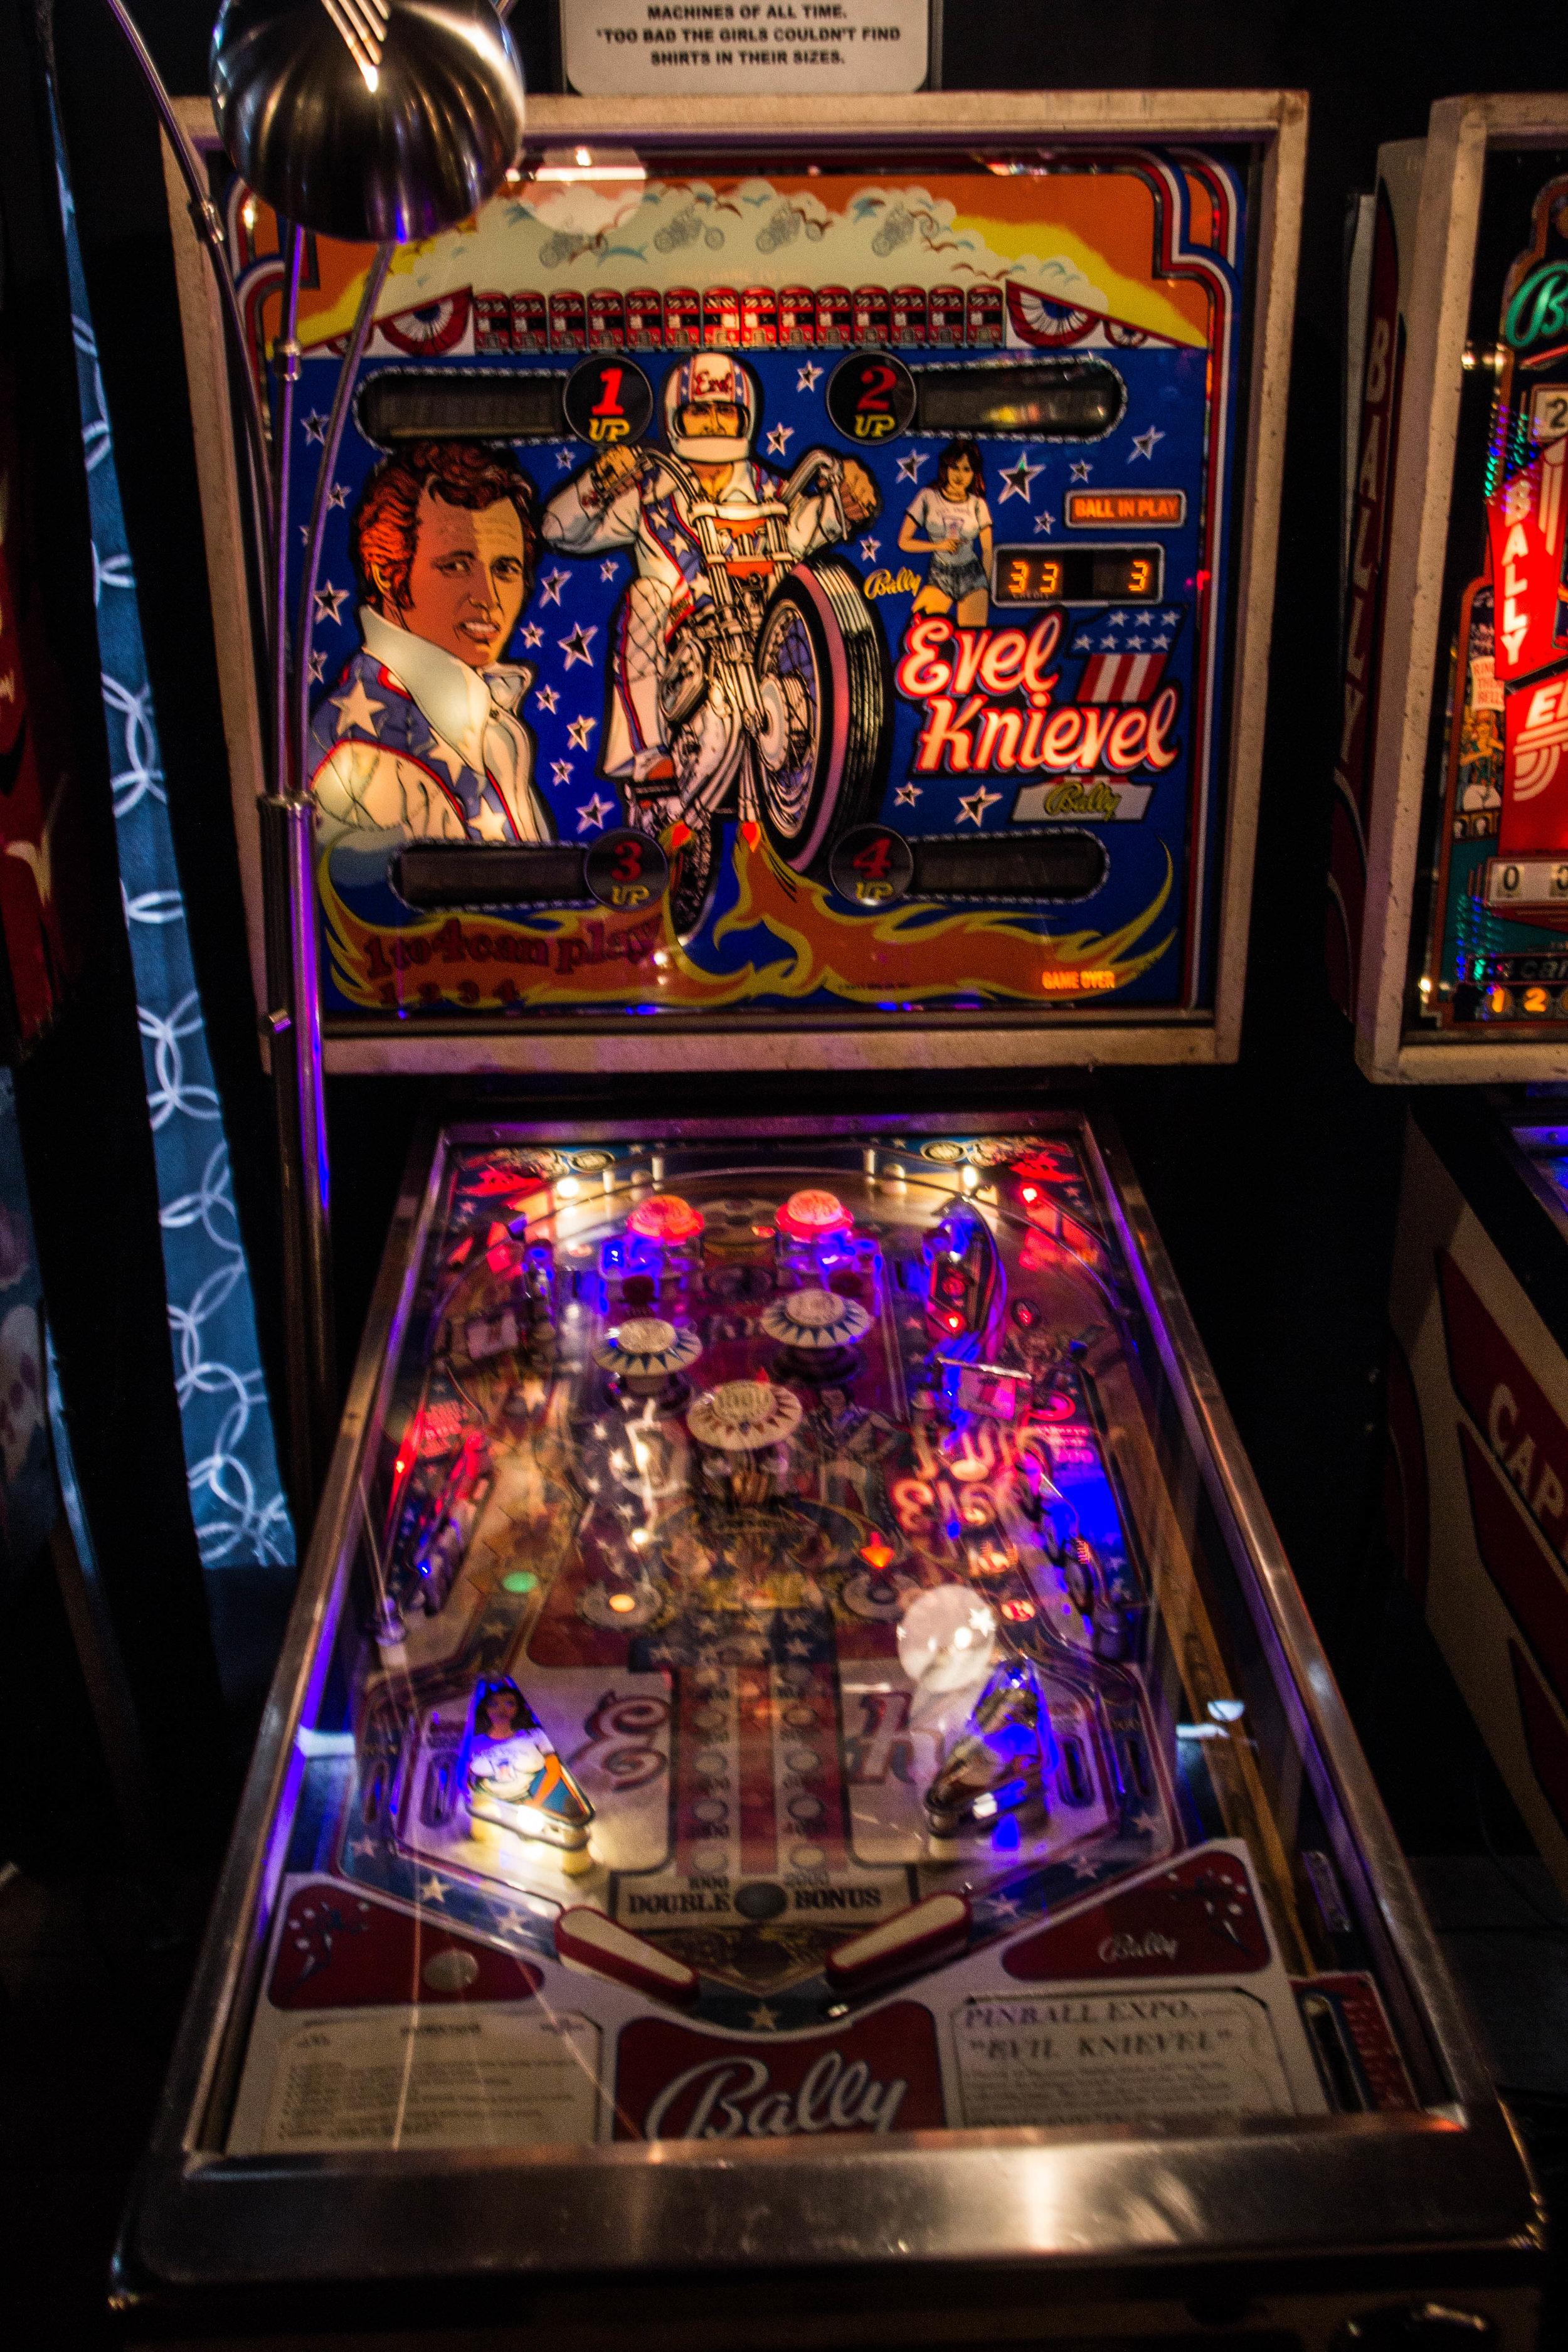 inside-pinball-museum-asheville-22.jpg